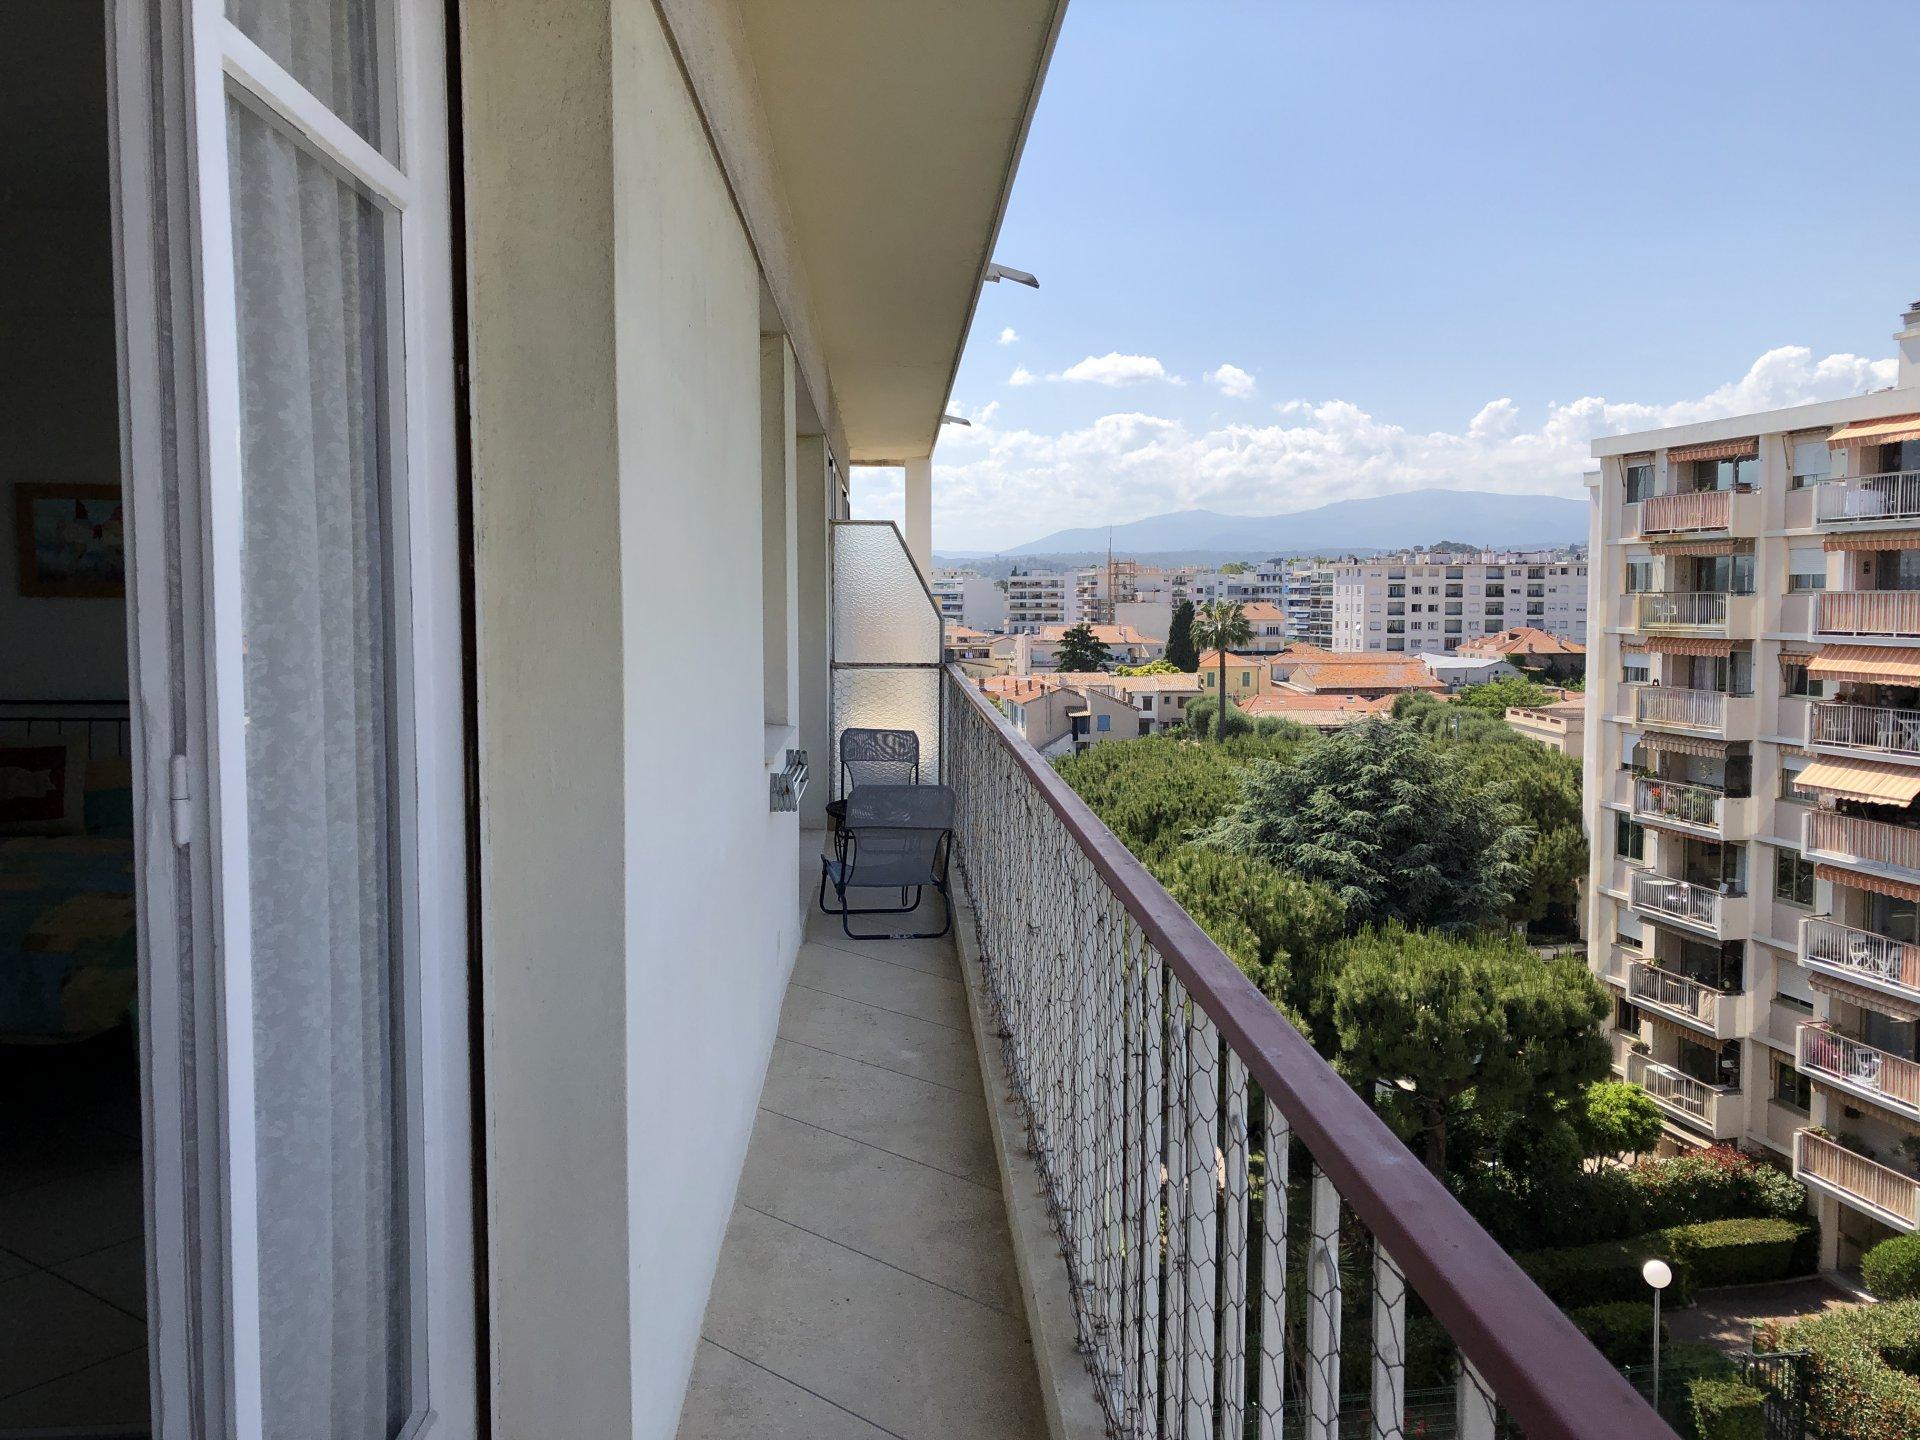 Cagnes sur Mer (06800) - Cros de Cagnes - Appartement - 2 pièces